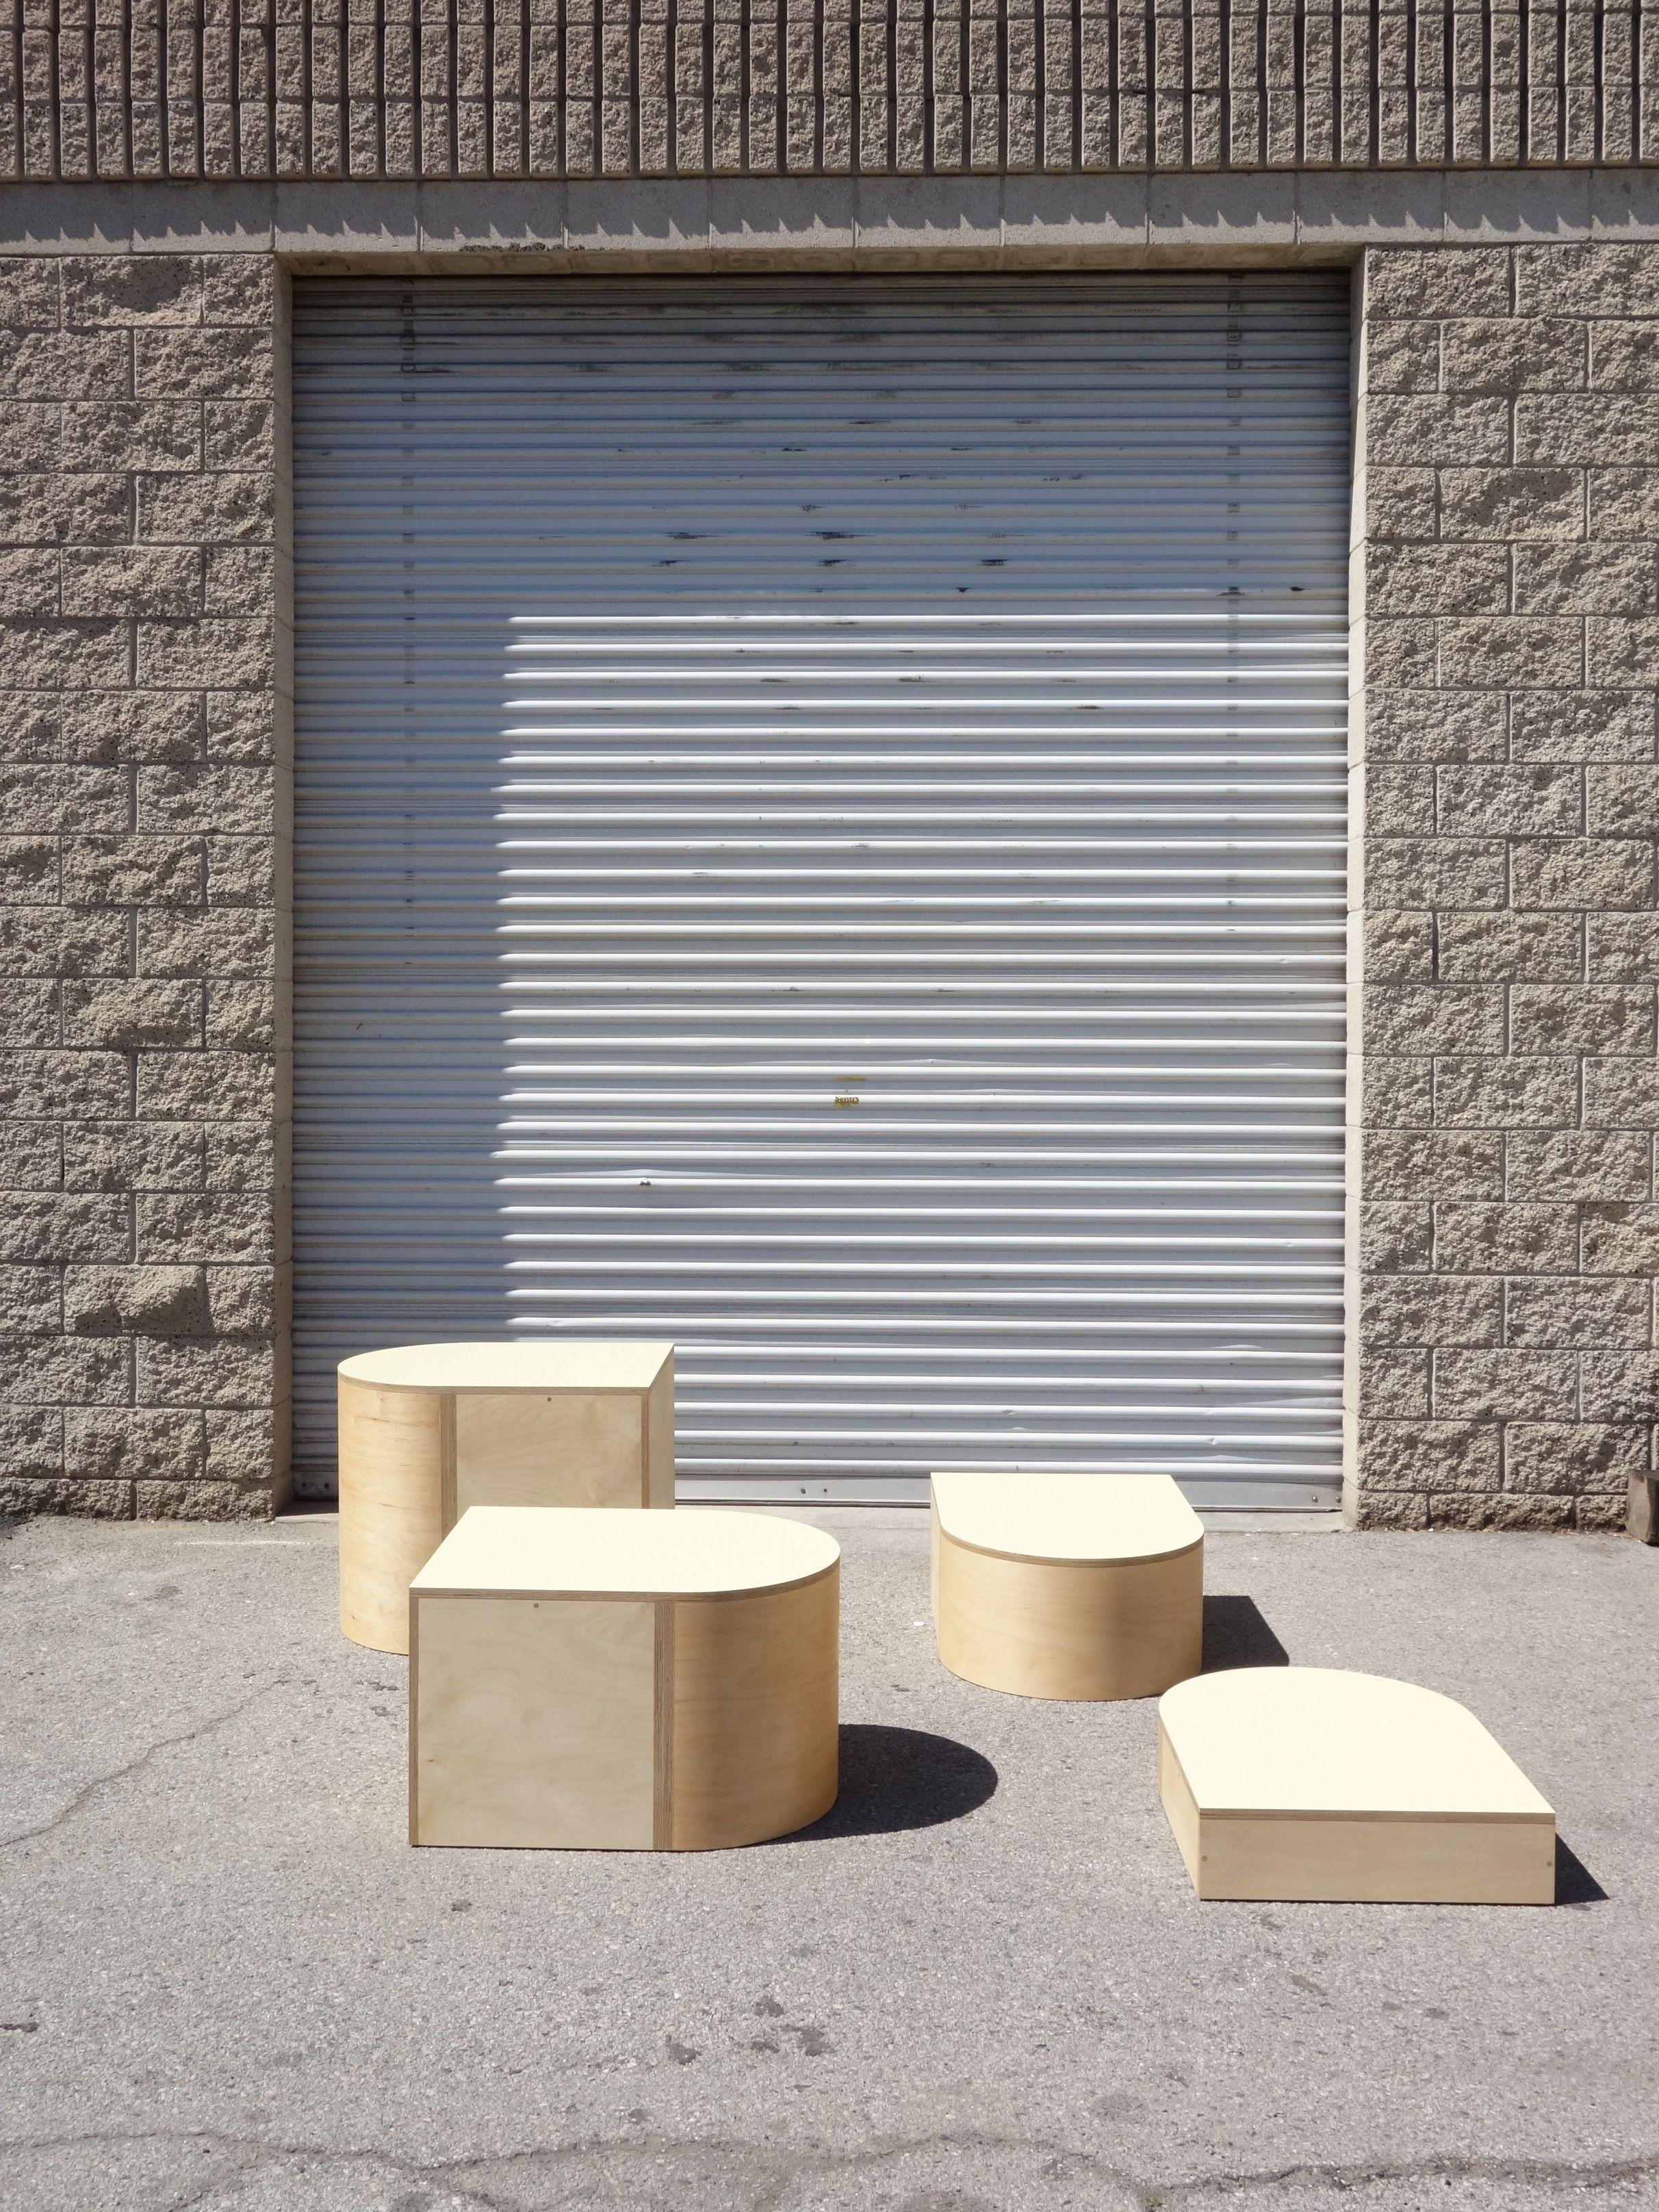 Rebag Madison, NY product image 7